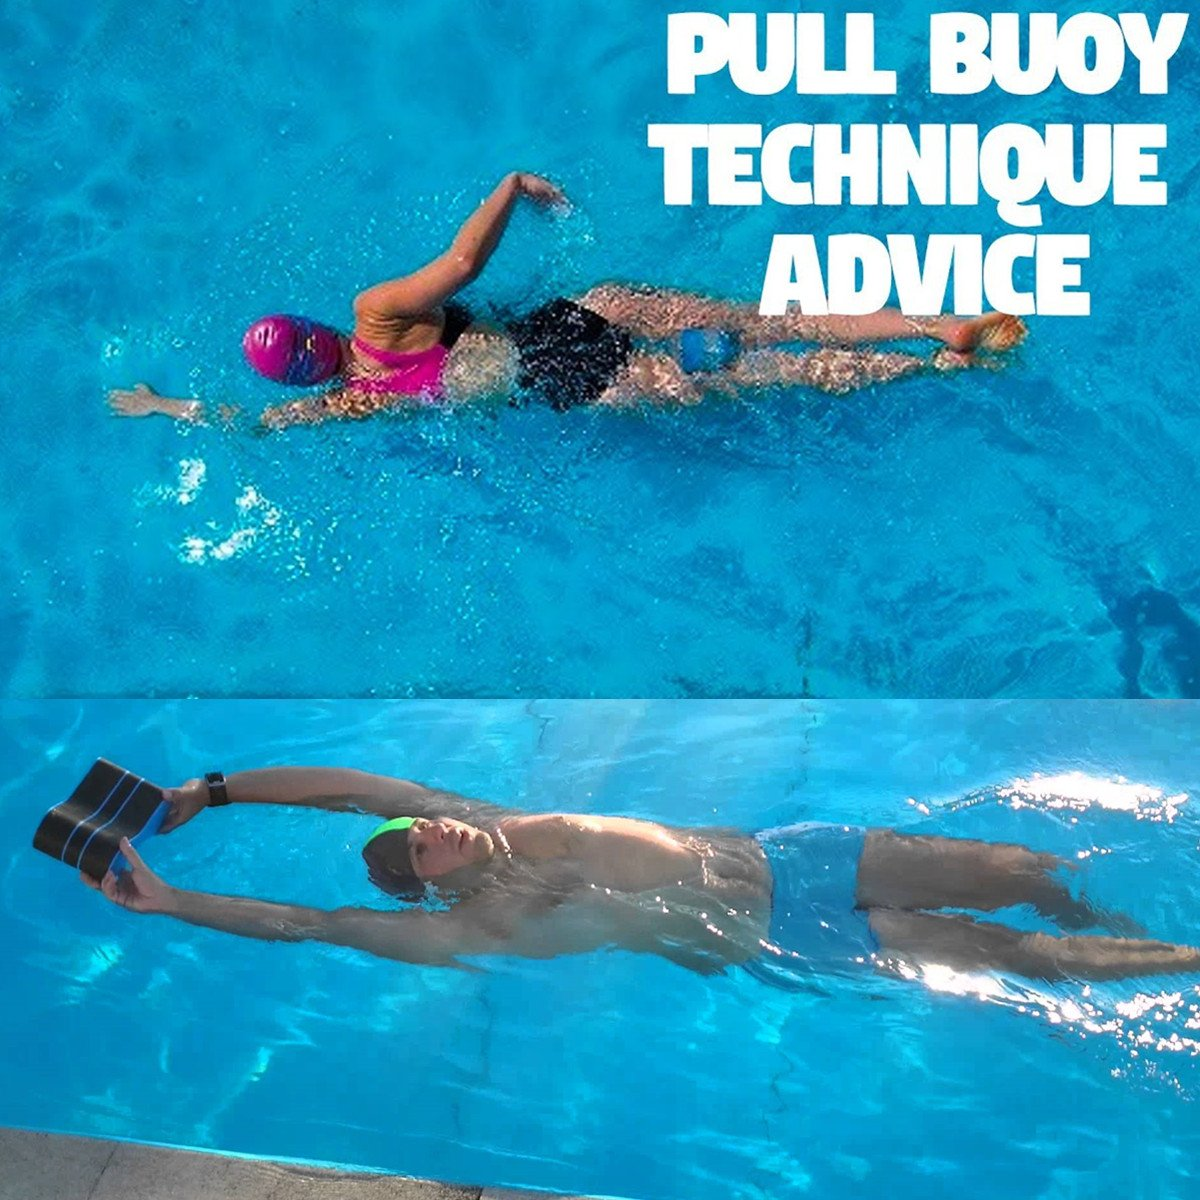 Verisa Pull-Buoy-Schwimmhilfe, aus Schaumstoff, verbessert Schwimmhaltung und stärkt die Armmuskulatur, Schwimm-Trainings-Hilfe, für Erwachsene Senioren Kinder, Blau